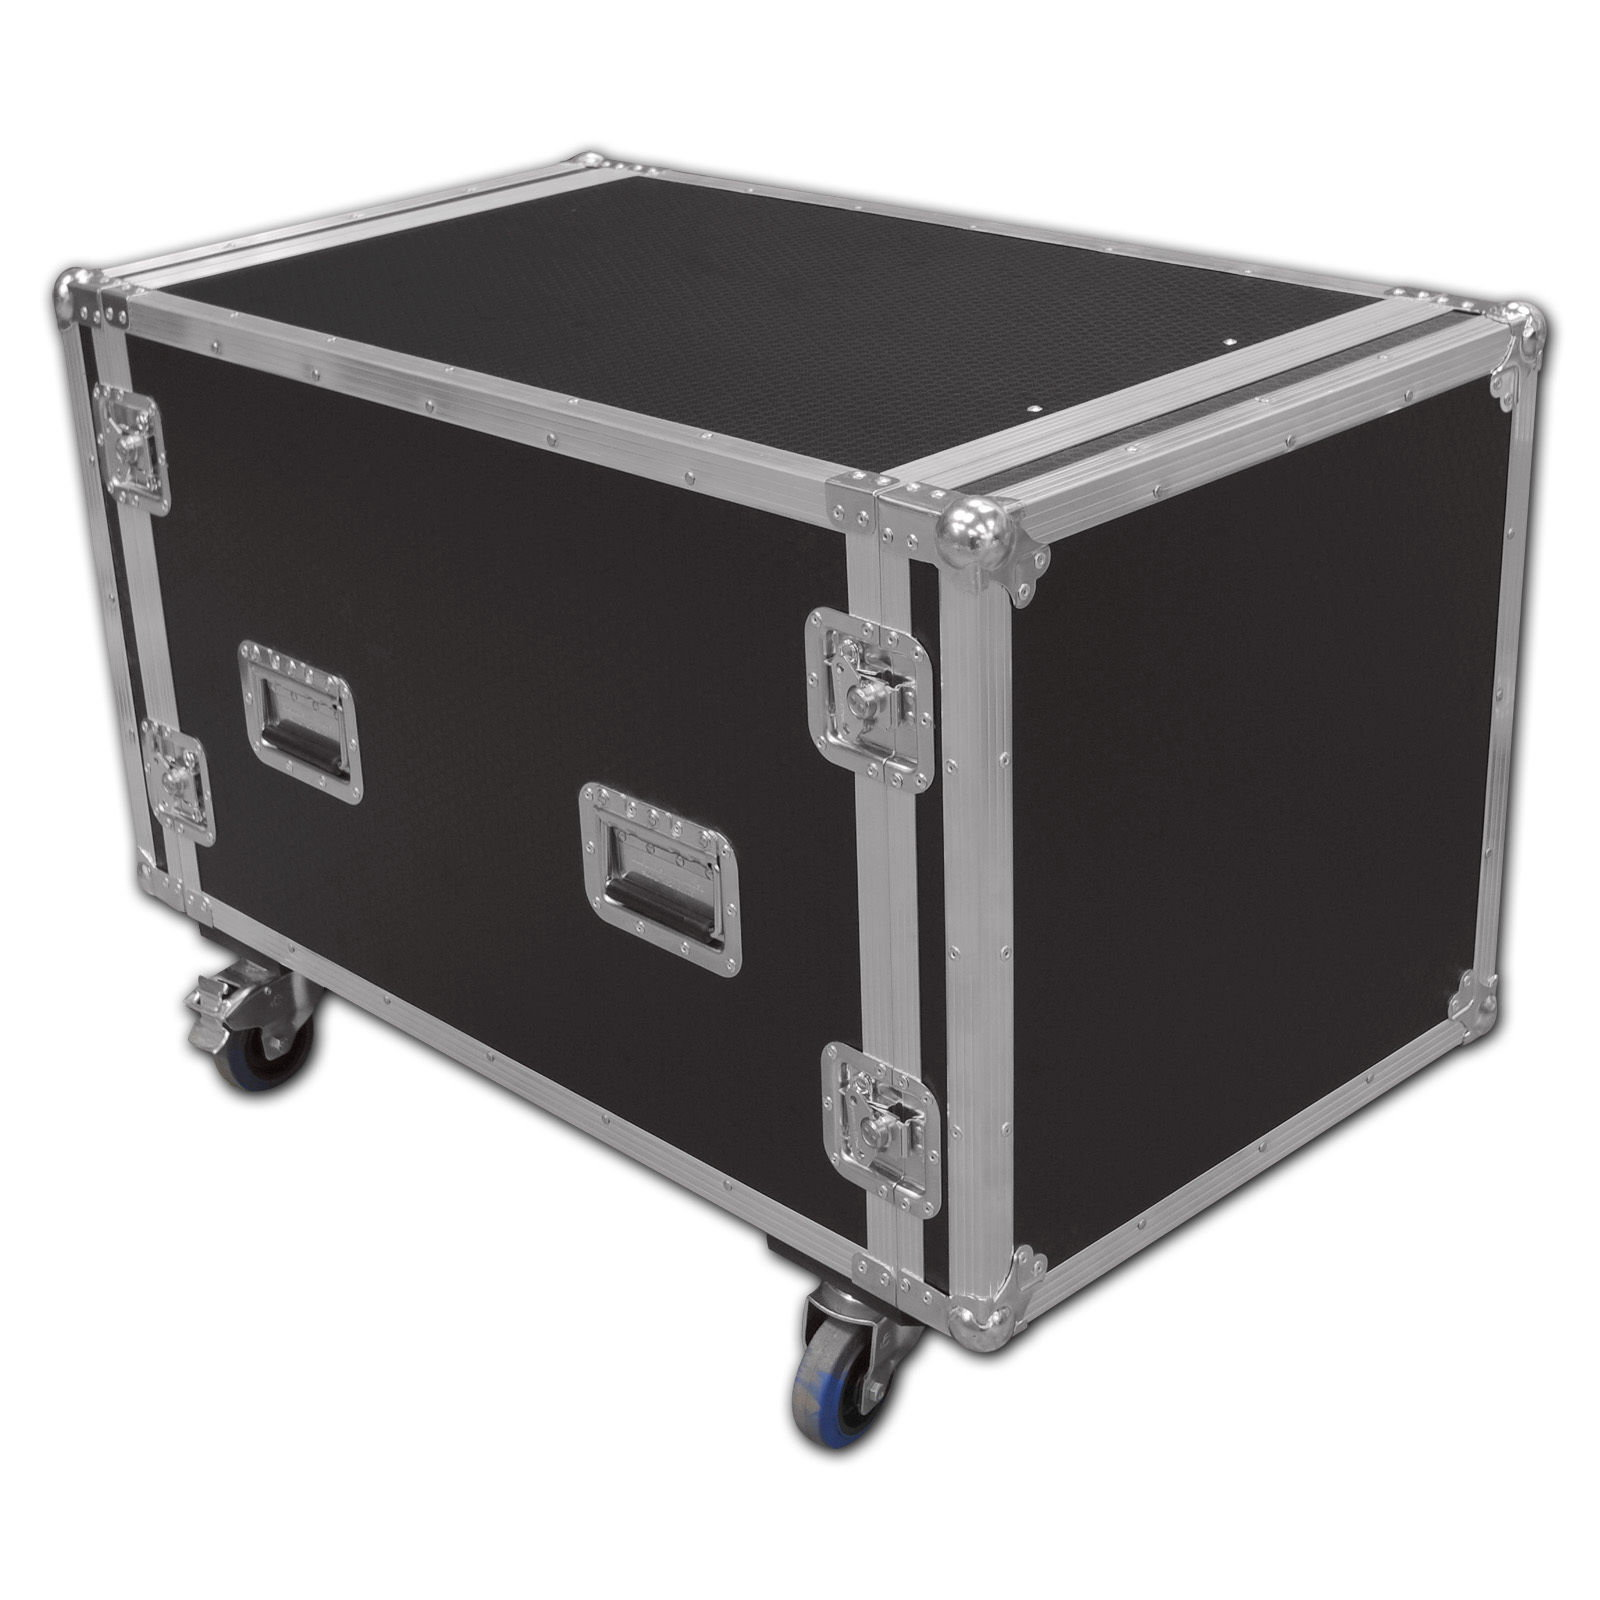 10u computer server rackmount flight case. Black Bedroom Furniture Sets. Home Design Ideas